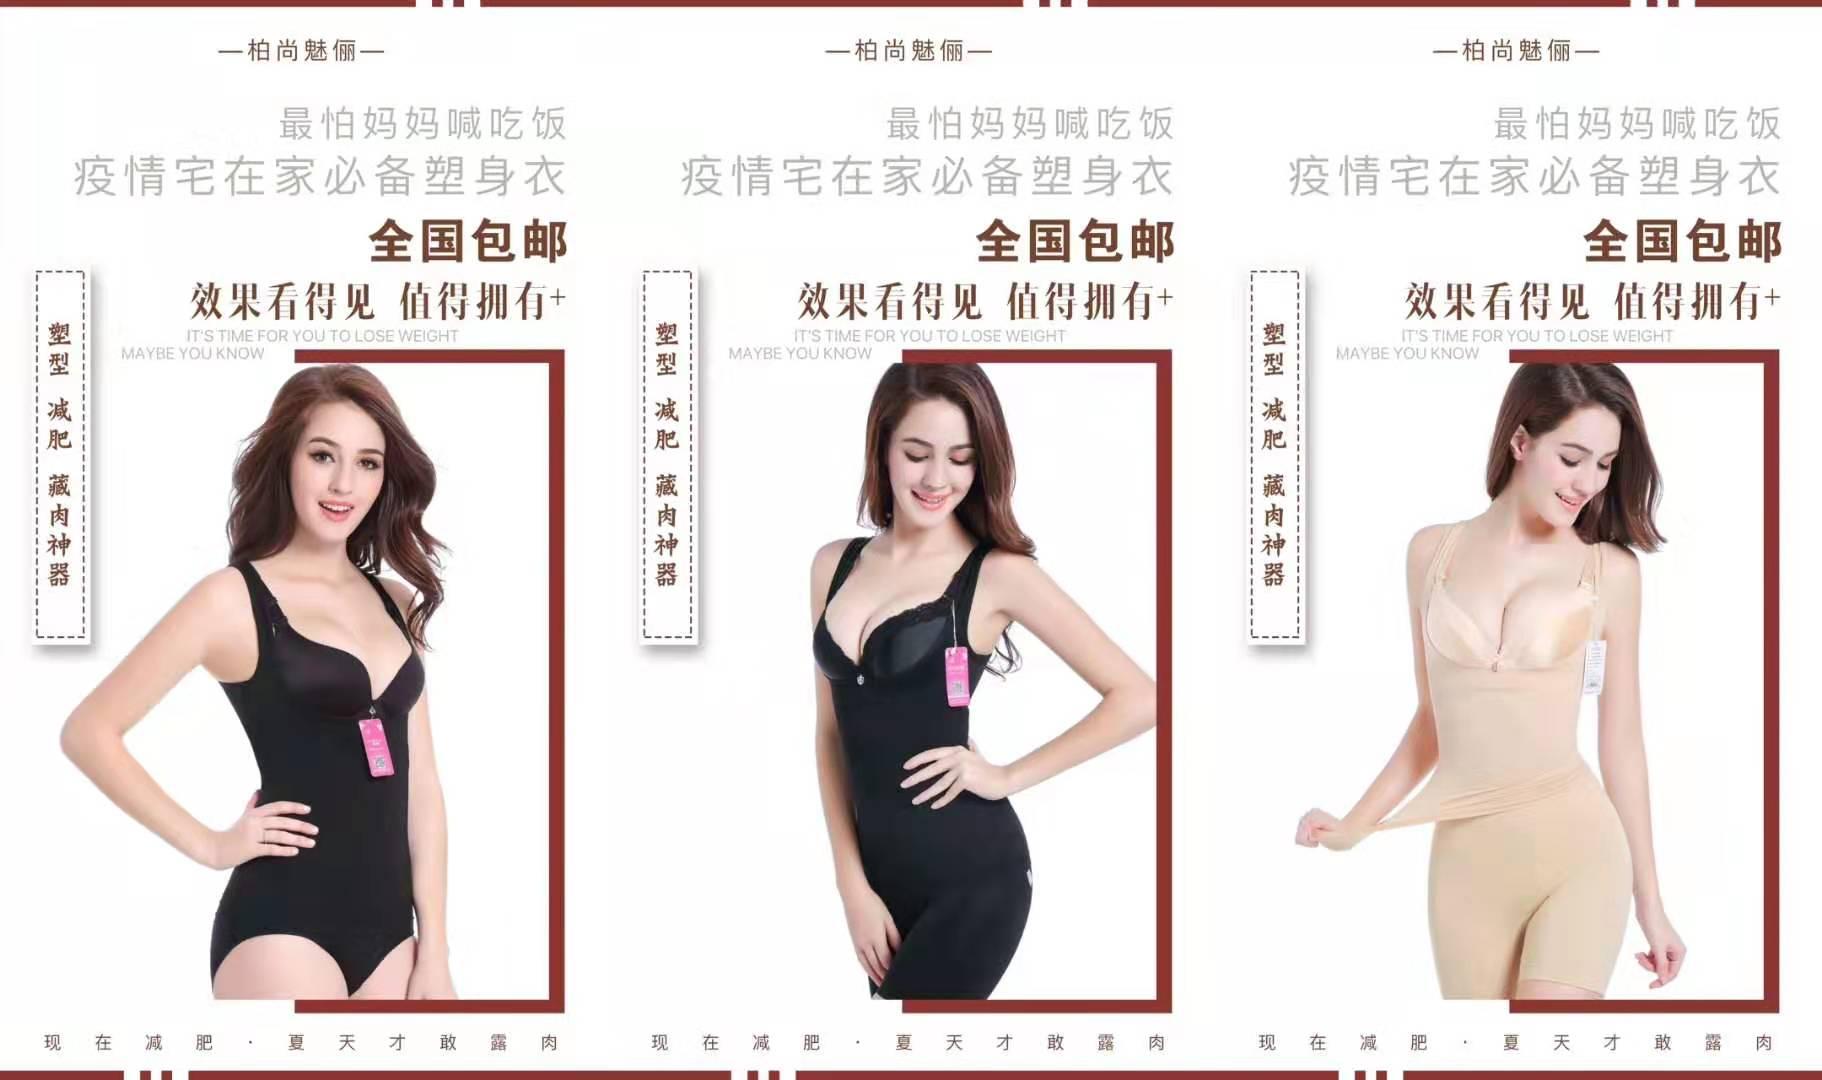 柏尚魅俪瘦身衣:身材的管理器